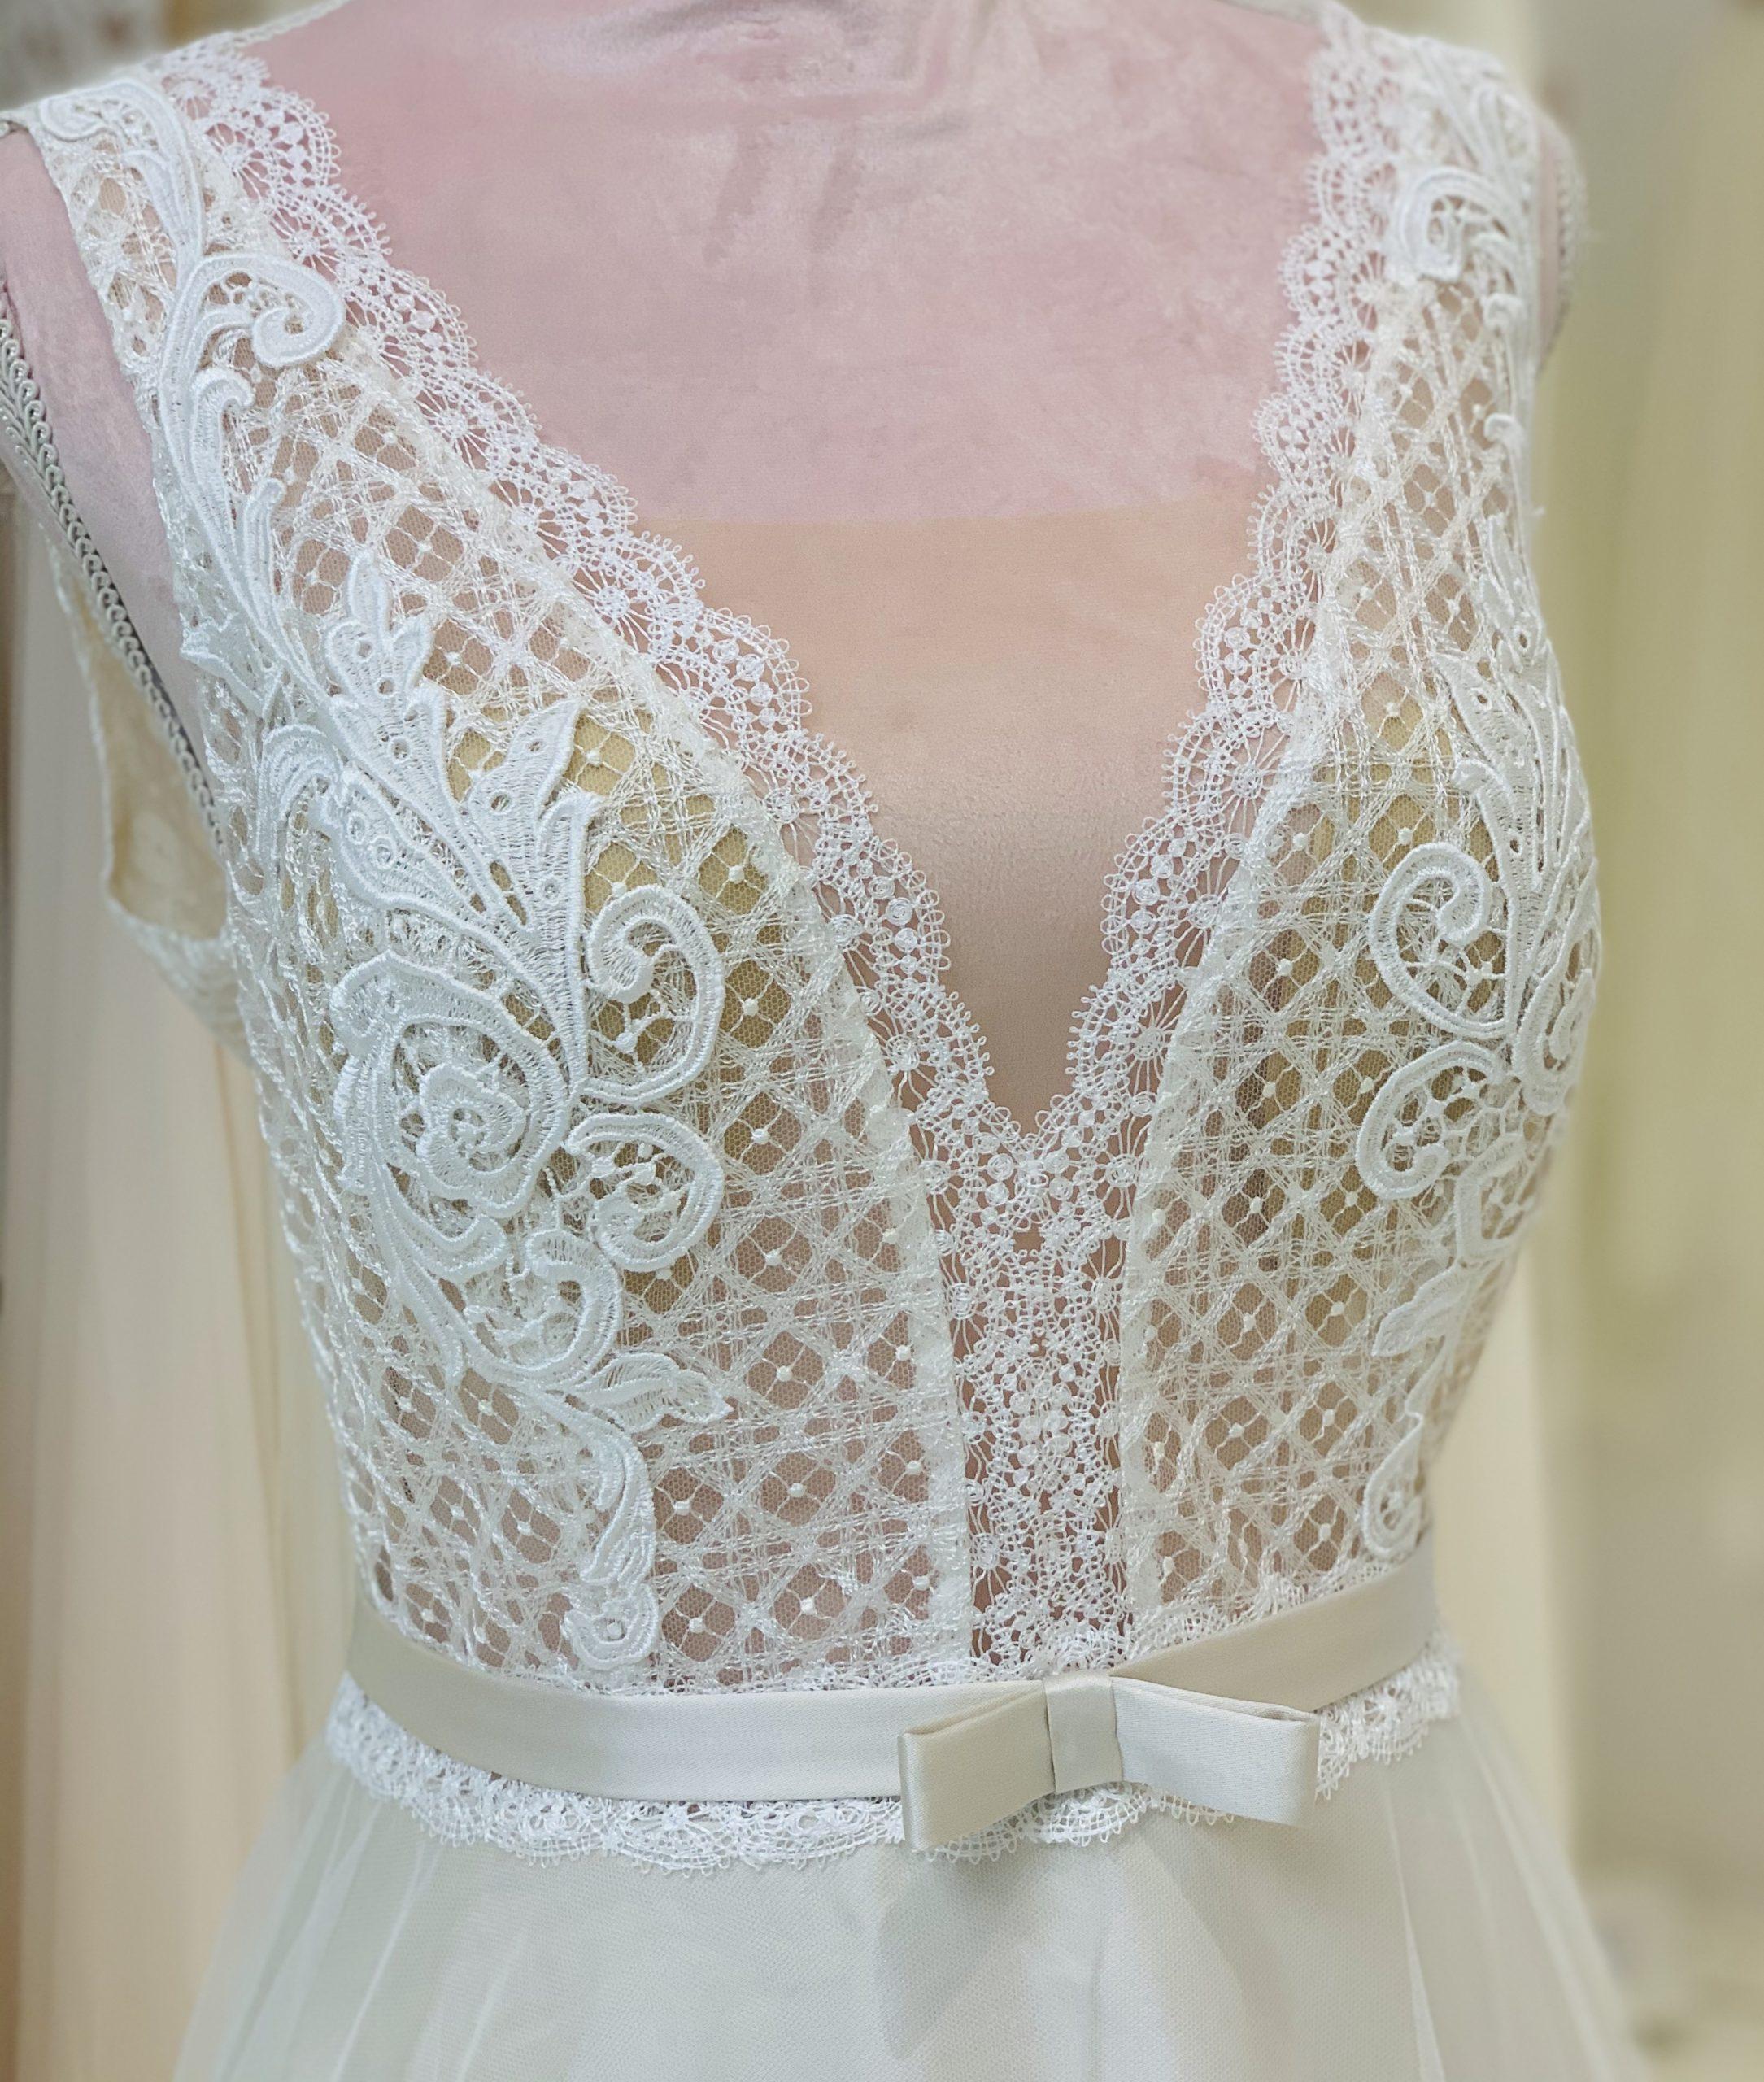 Brautkleid 22 - Oberteil